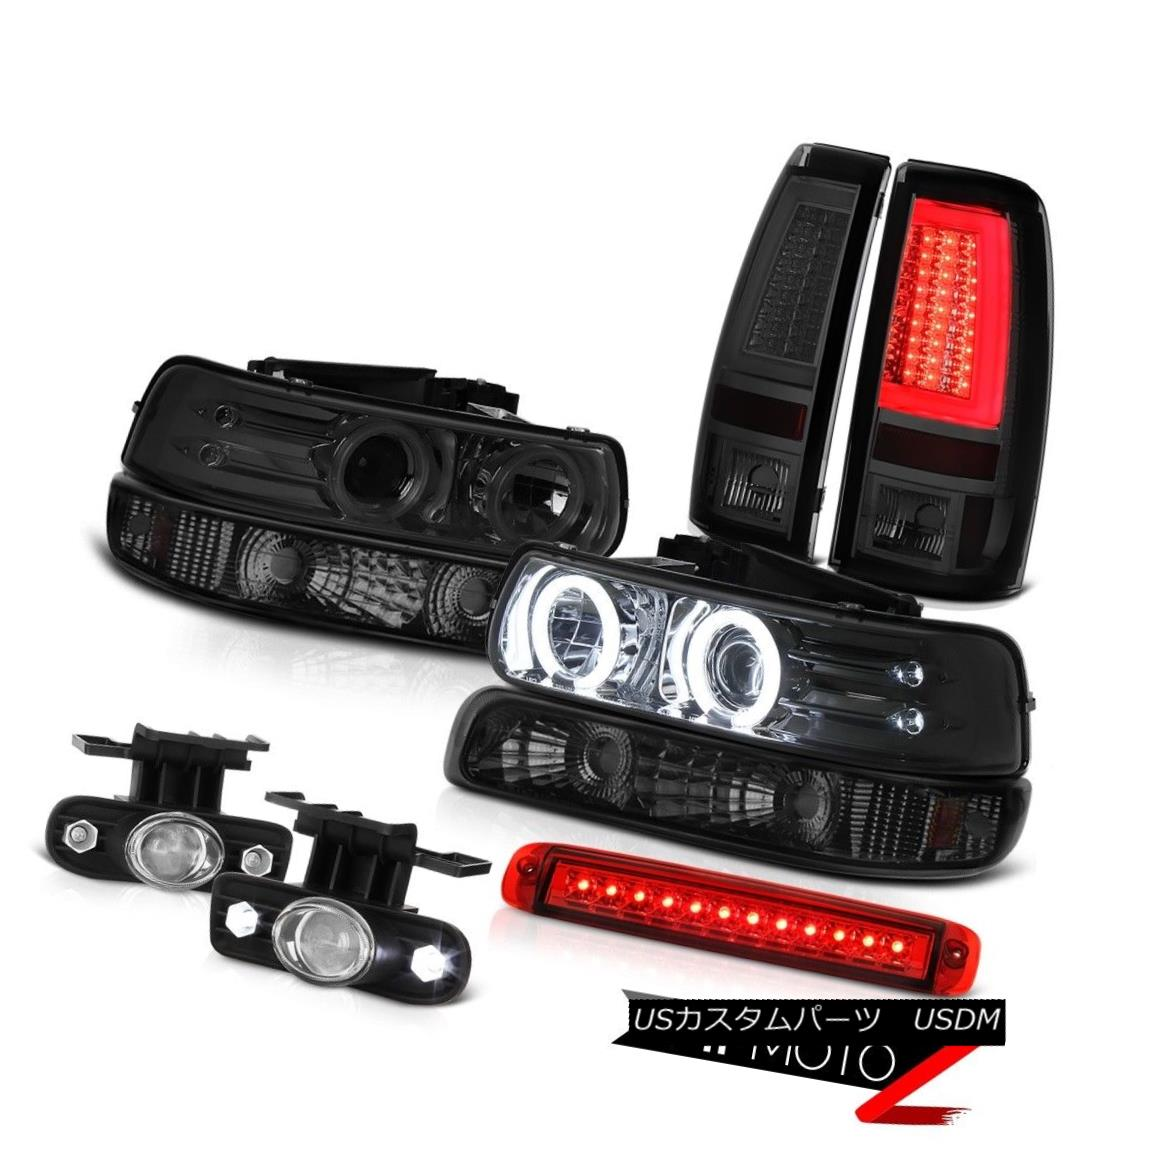 ヘッドライト 99-02 Silverado 4.3L Taillights Third Brake Lamp Signal Headlamps Foglights Cool 99-02 Silverado 4.3Lターンライト第3ブレーキランプ信号ヘッドランプフォグライトクール